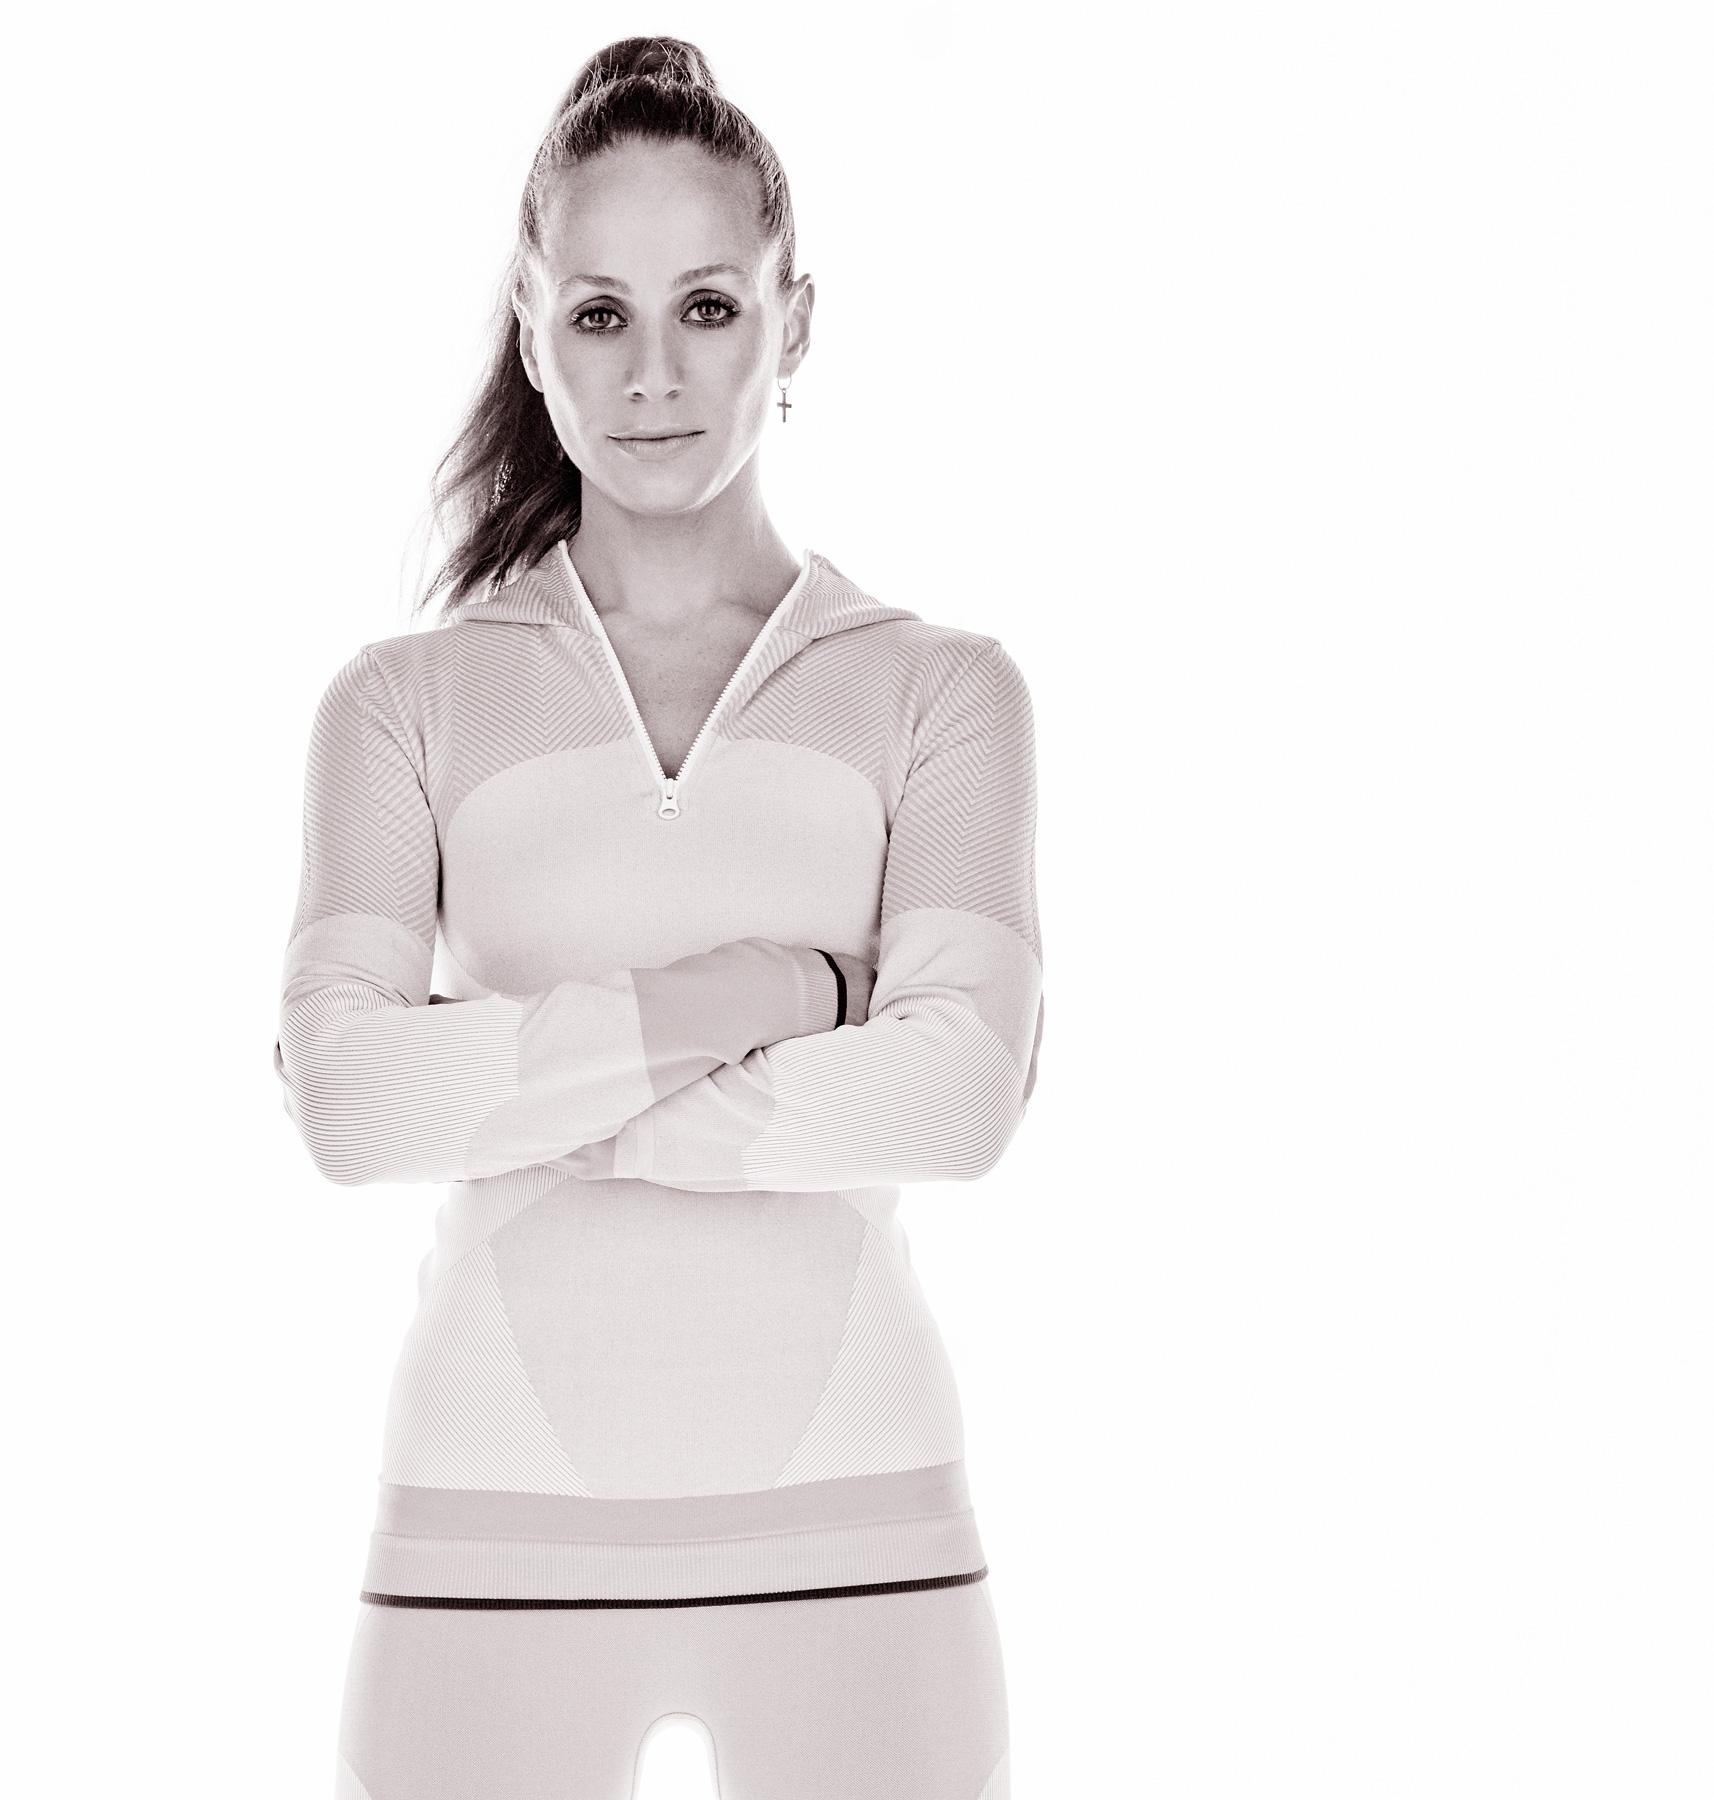 Miele-Anna-Marconi-completo-da-jogging-the-washing-diary1